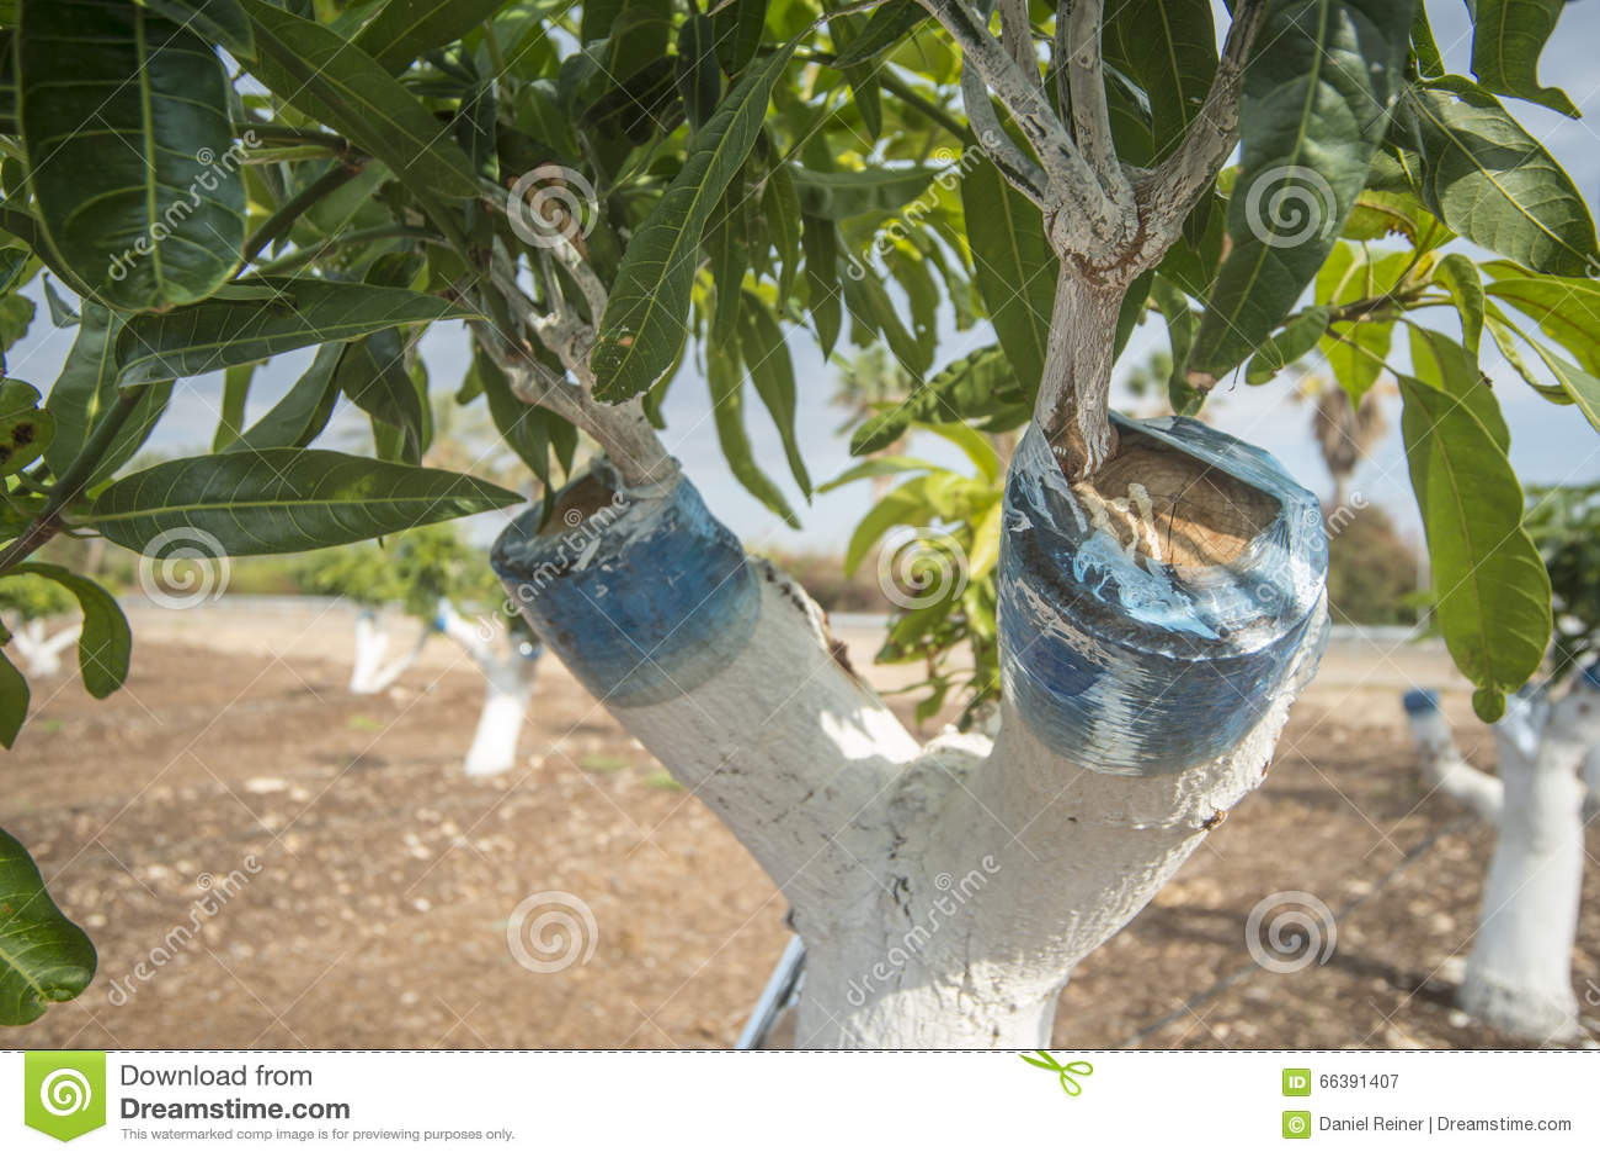 Injerto del árbol de mango